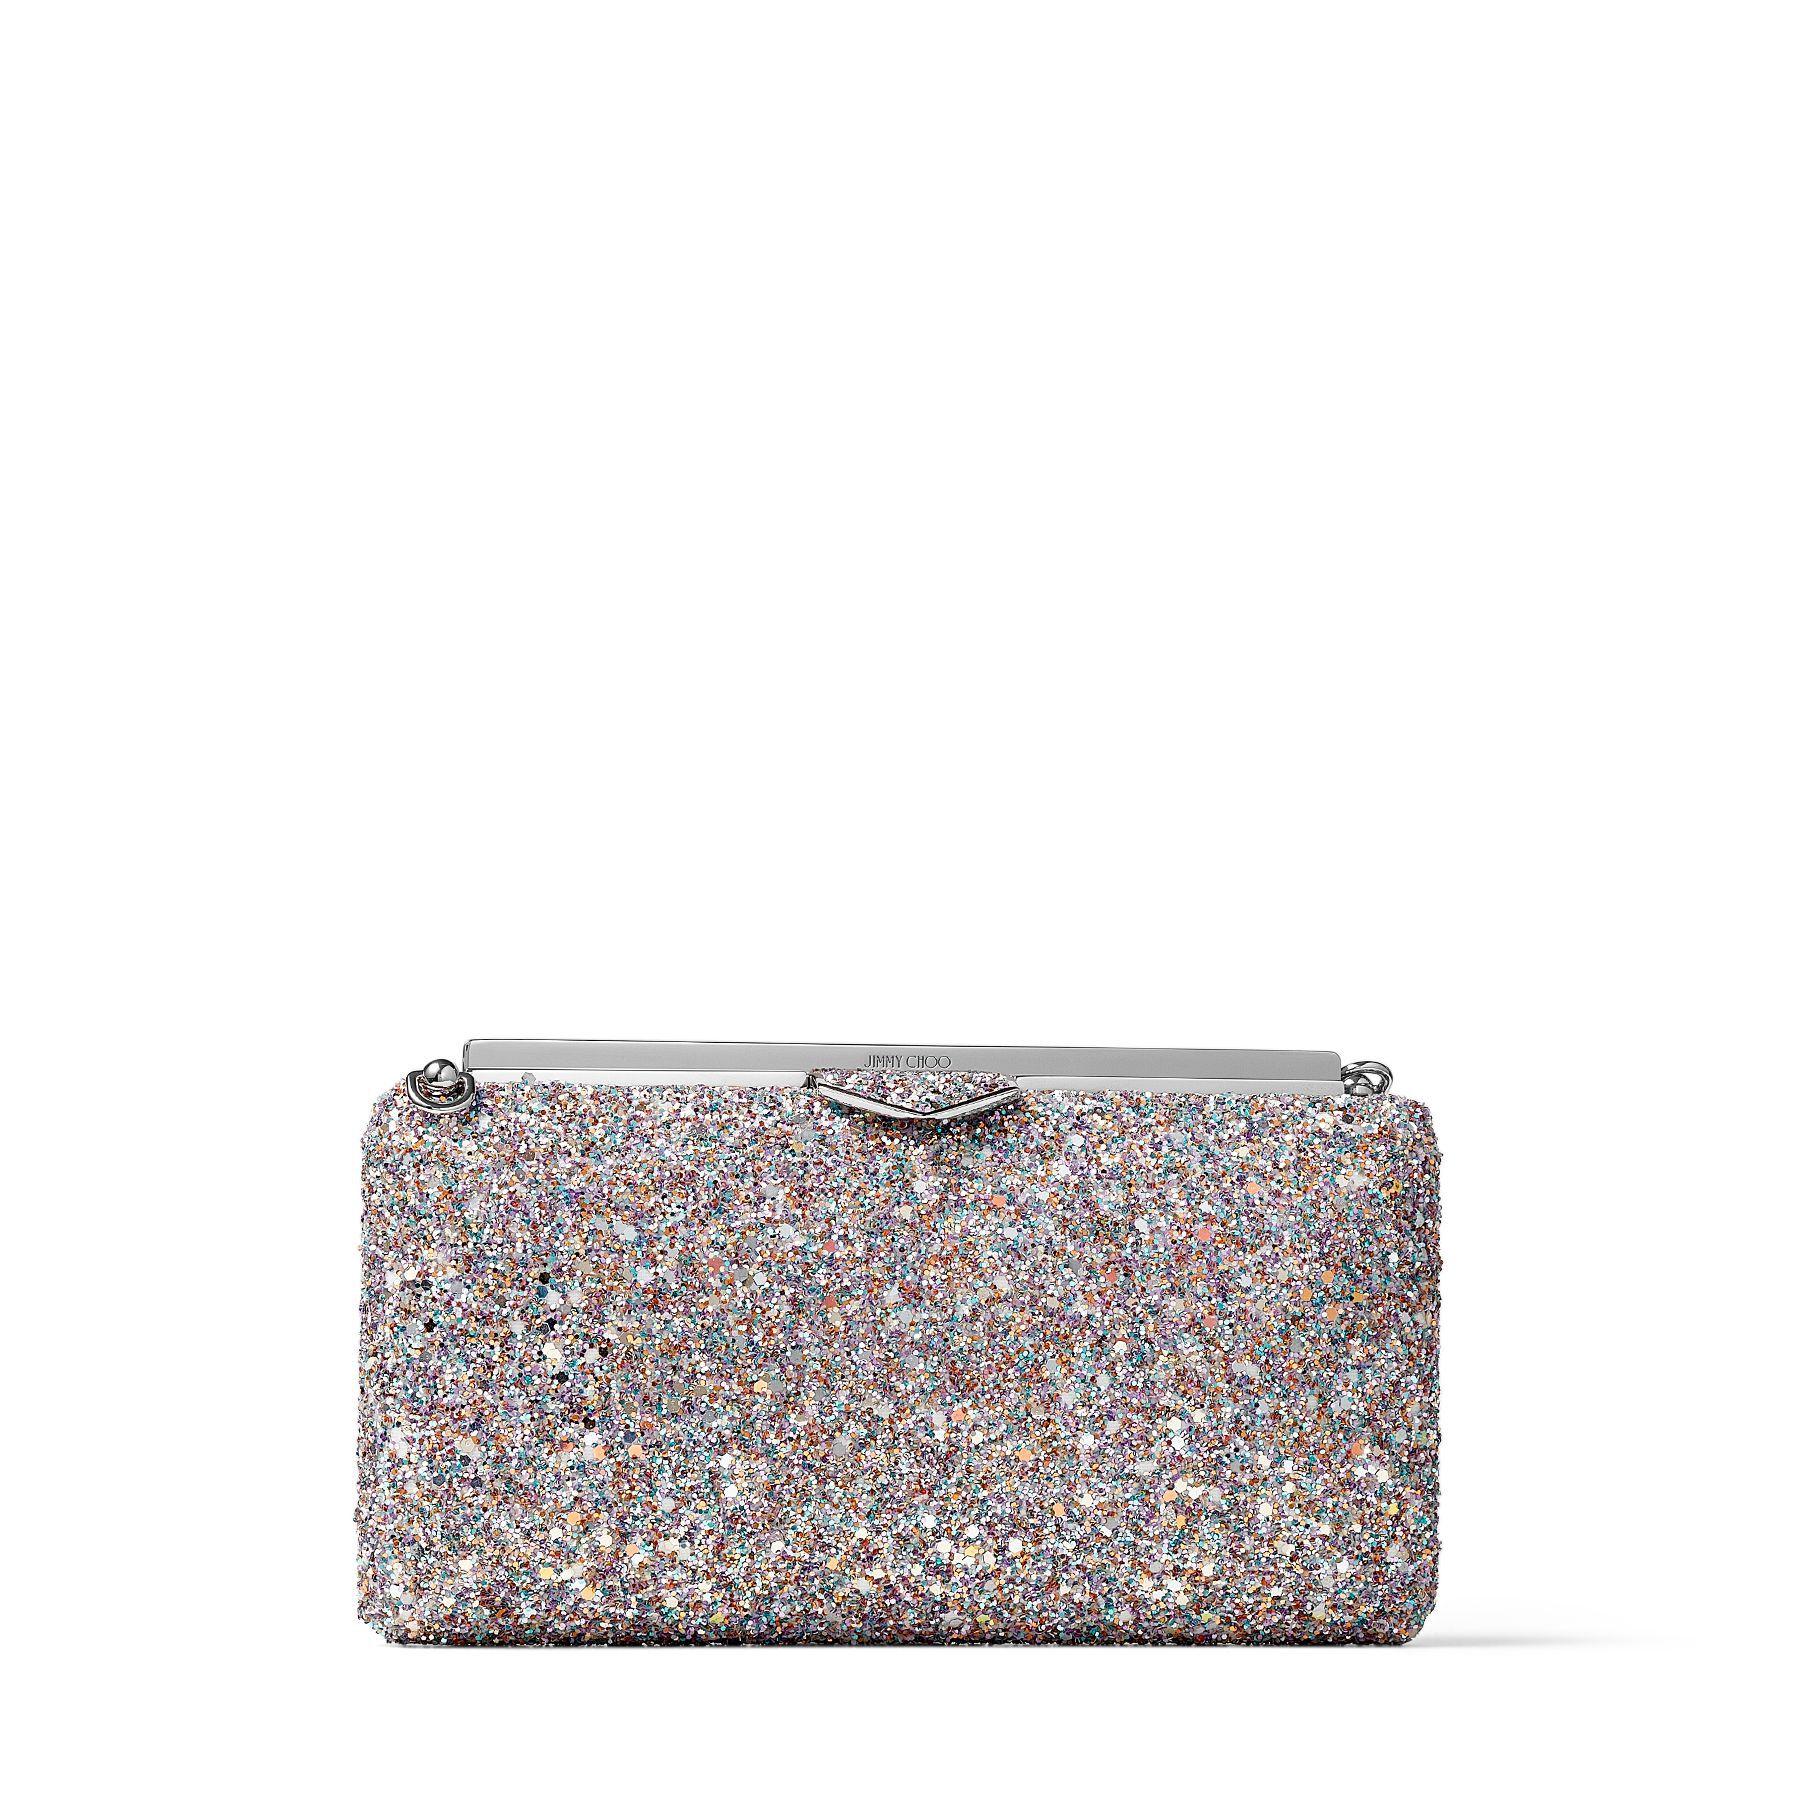 ELLIPSE - Luminous Glow-In-The-Dark Glitter Clutch Bag